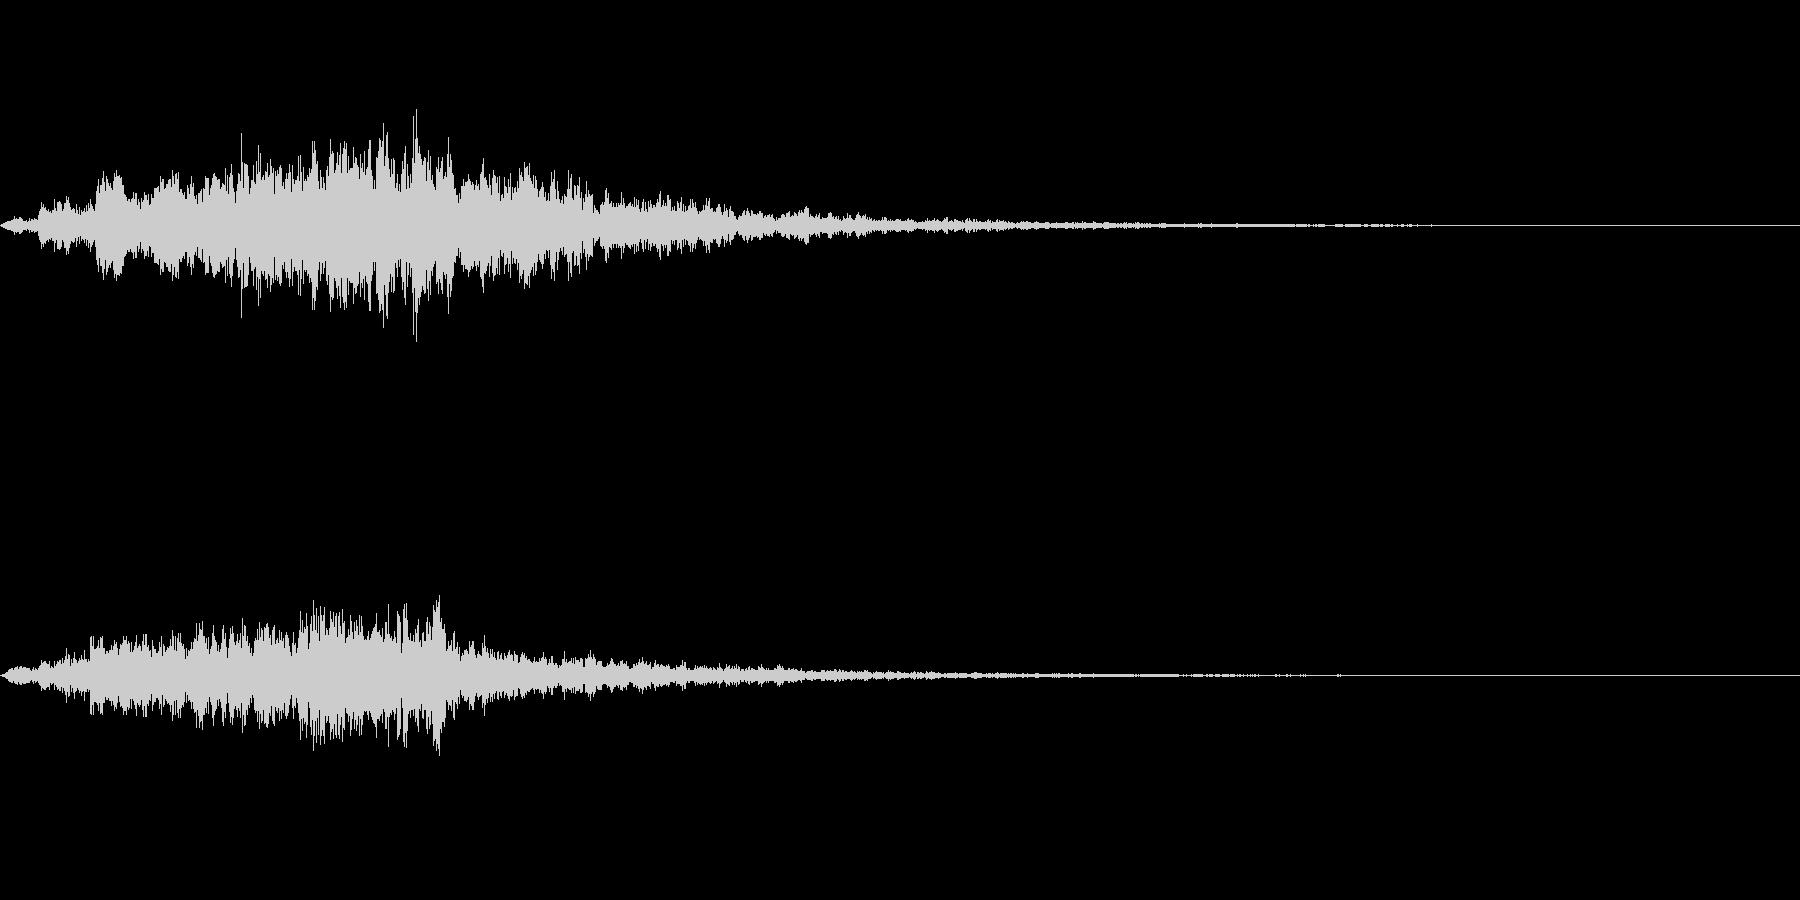 不思議な音01の未再生の波形